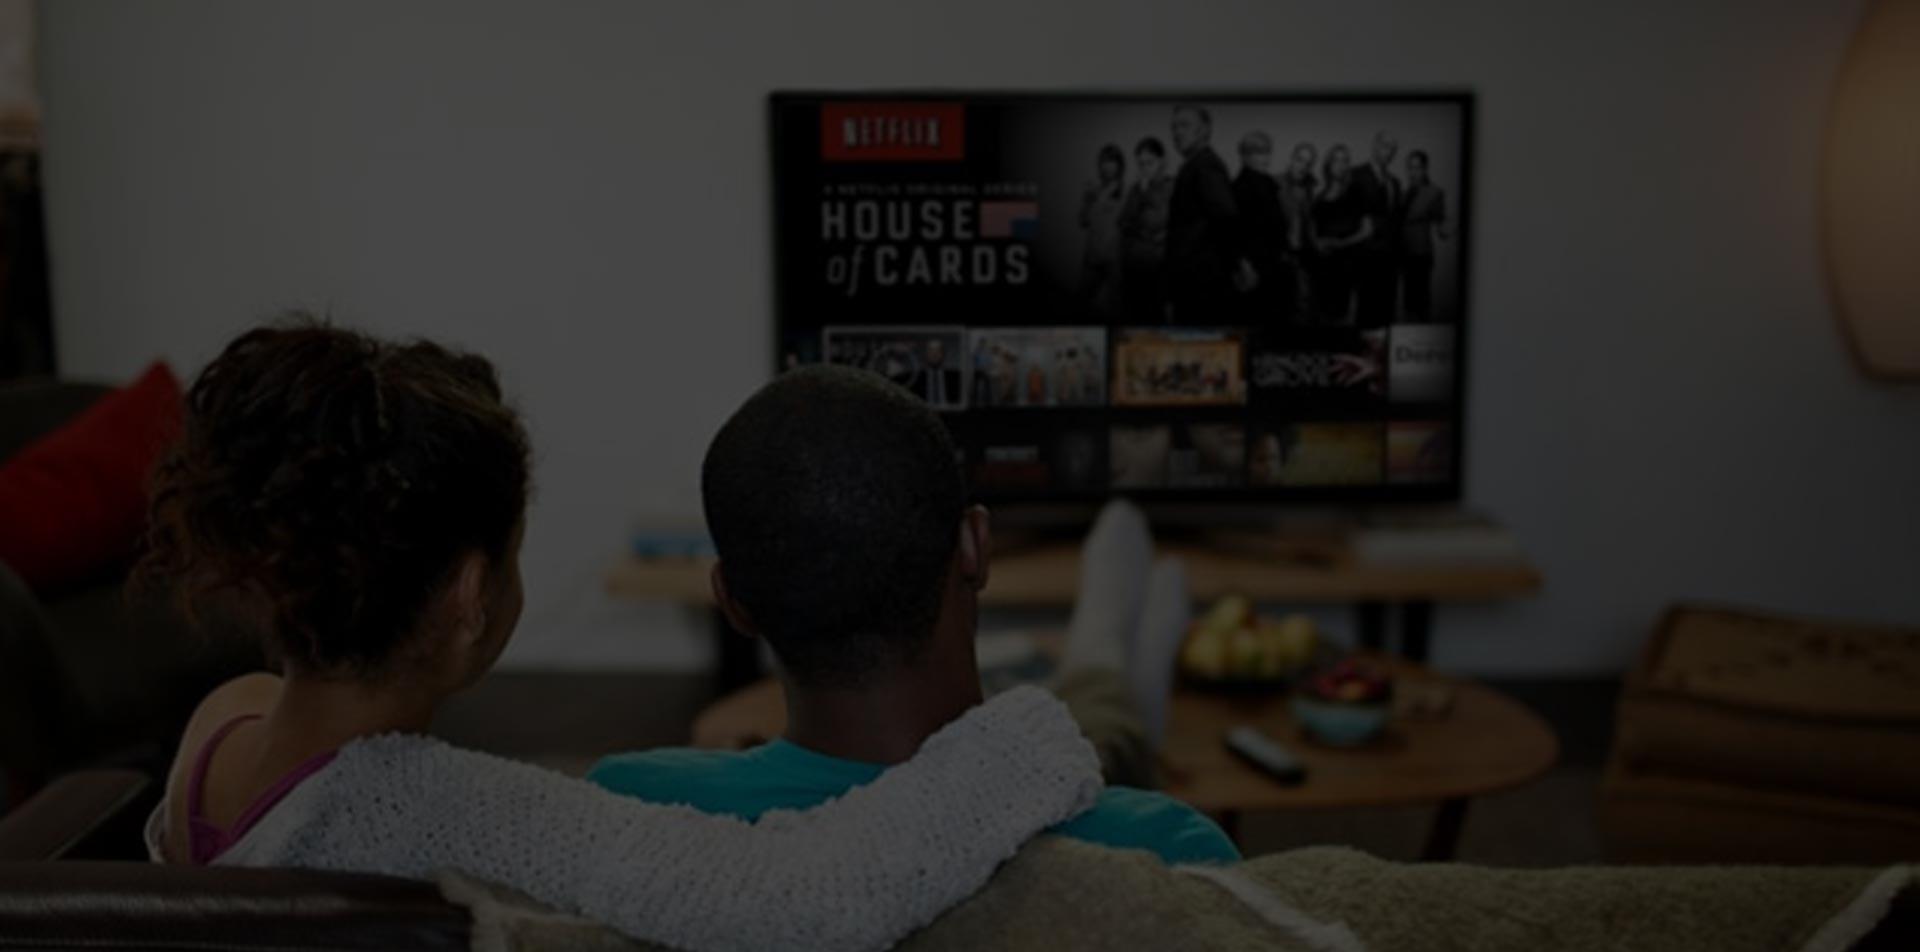 تعمیر تلویزیون ال جی ال ای دی در منزل